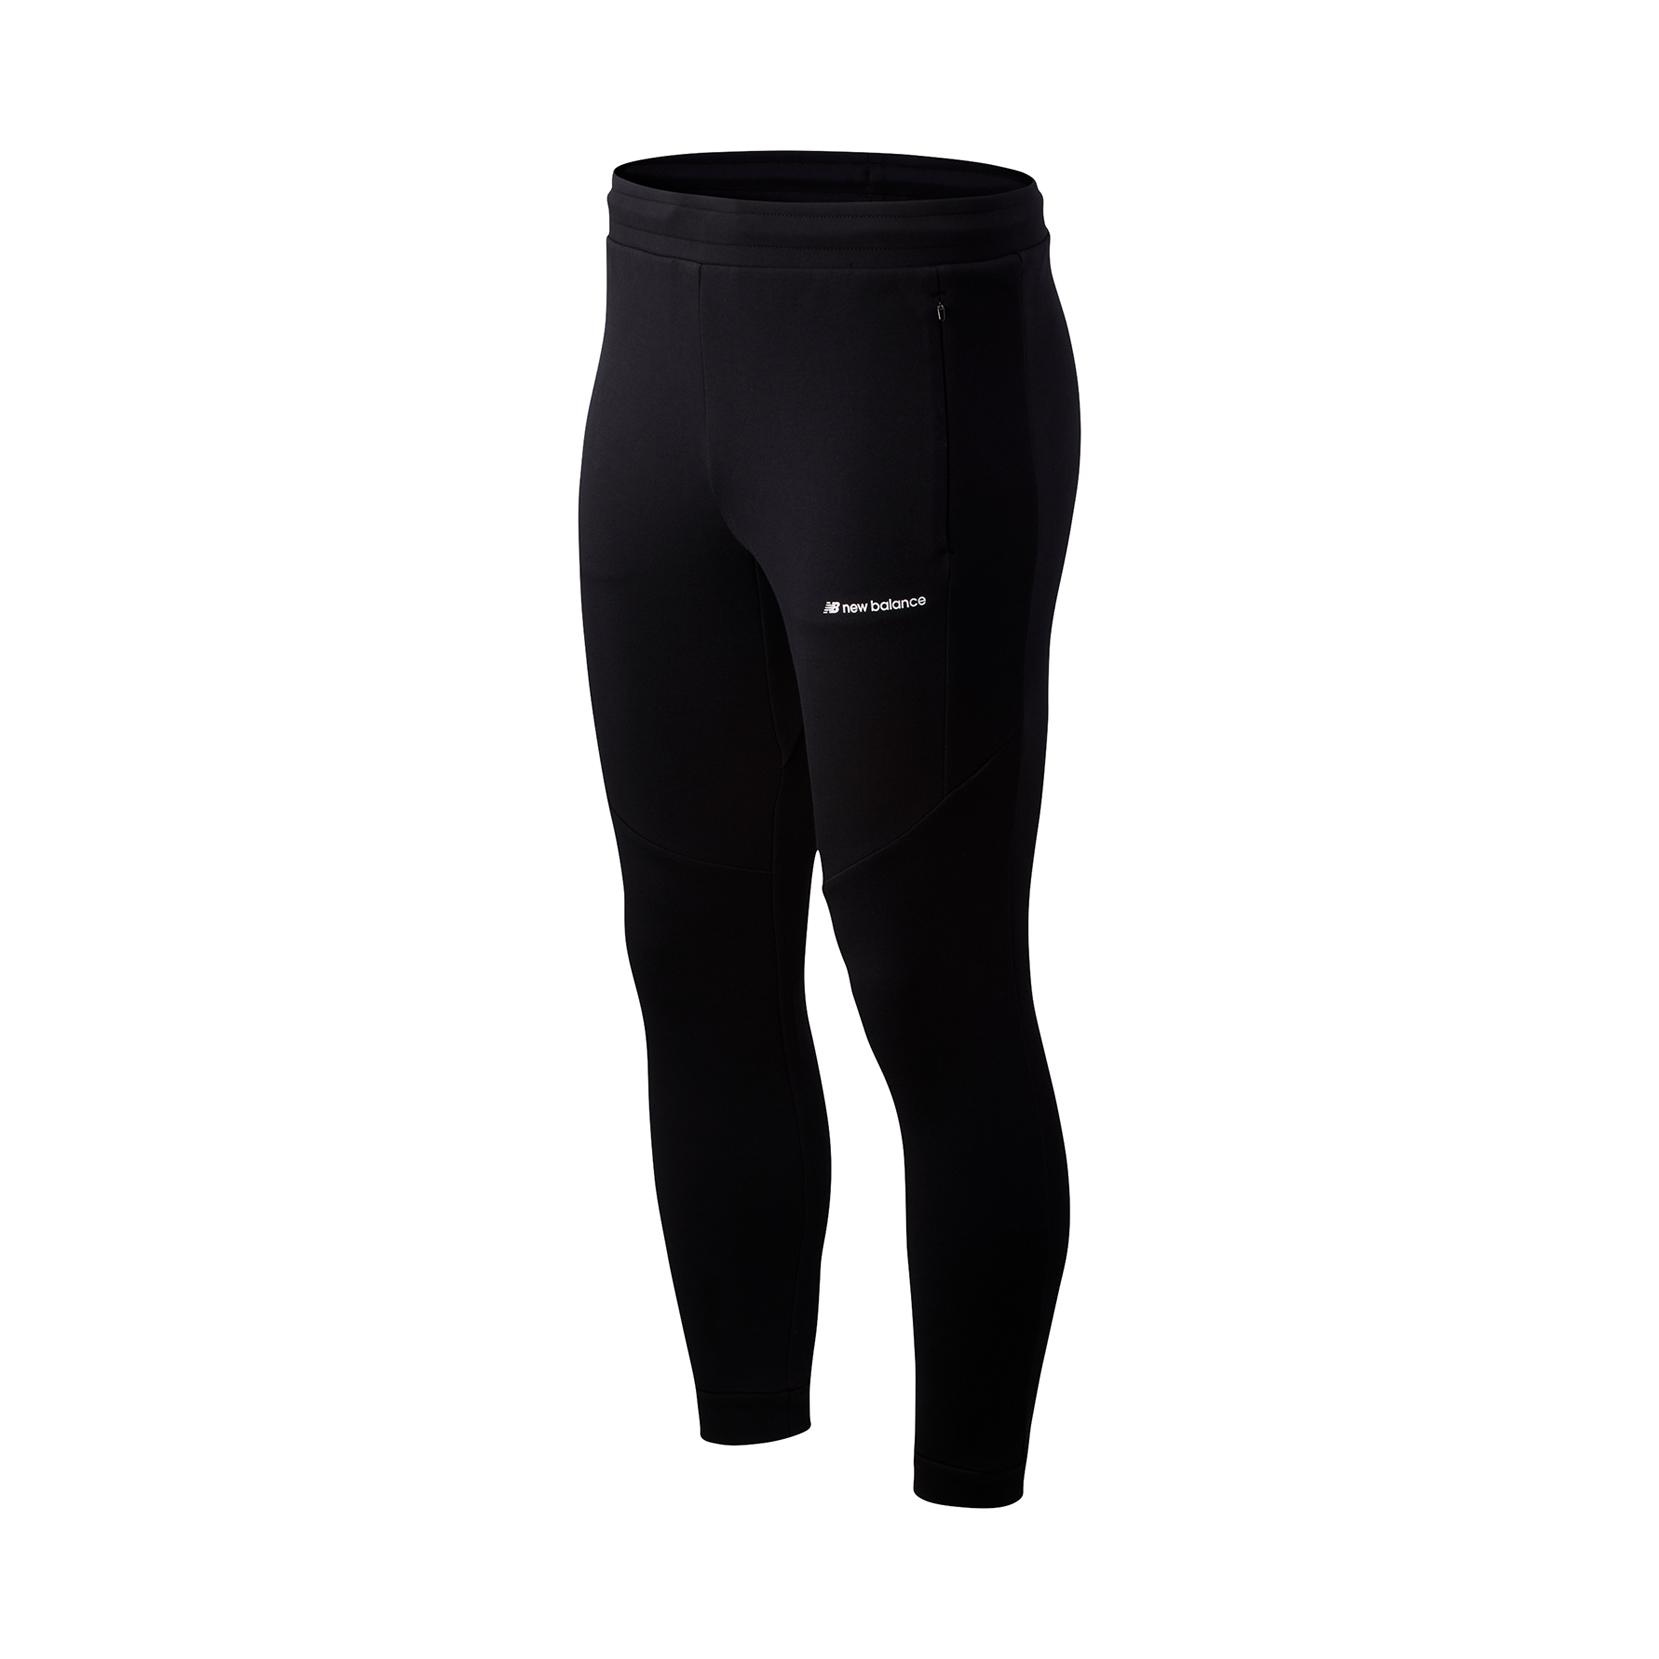 Спортивні брюки Sport Style Core Slim для чоловіків MP01515BK | New Balance